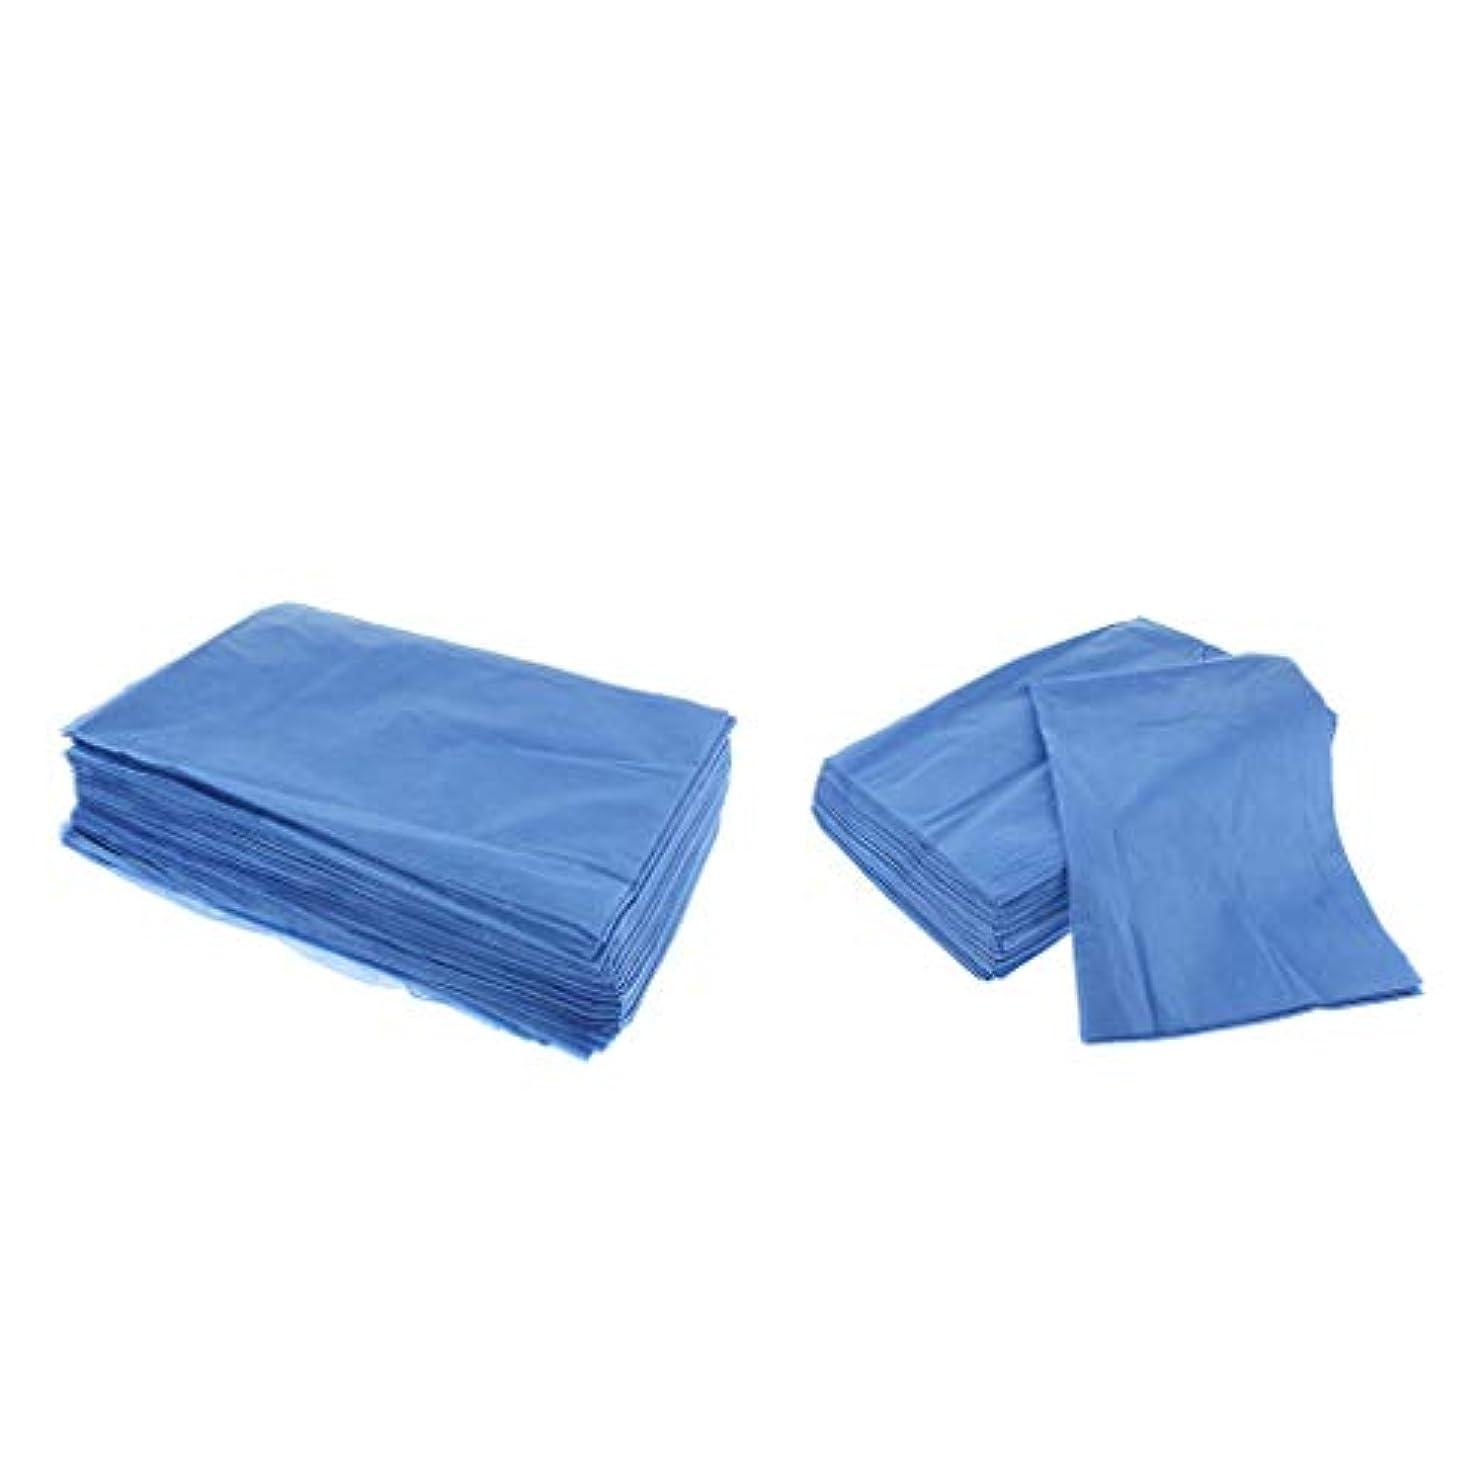 ストリップ偽装する満州dailymall 40ピース使い捨て防水美容マッサージサロンホテルベッドパッドカバーシート-ブルー-31.5 X 70.9インチ